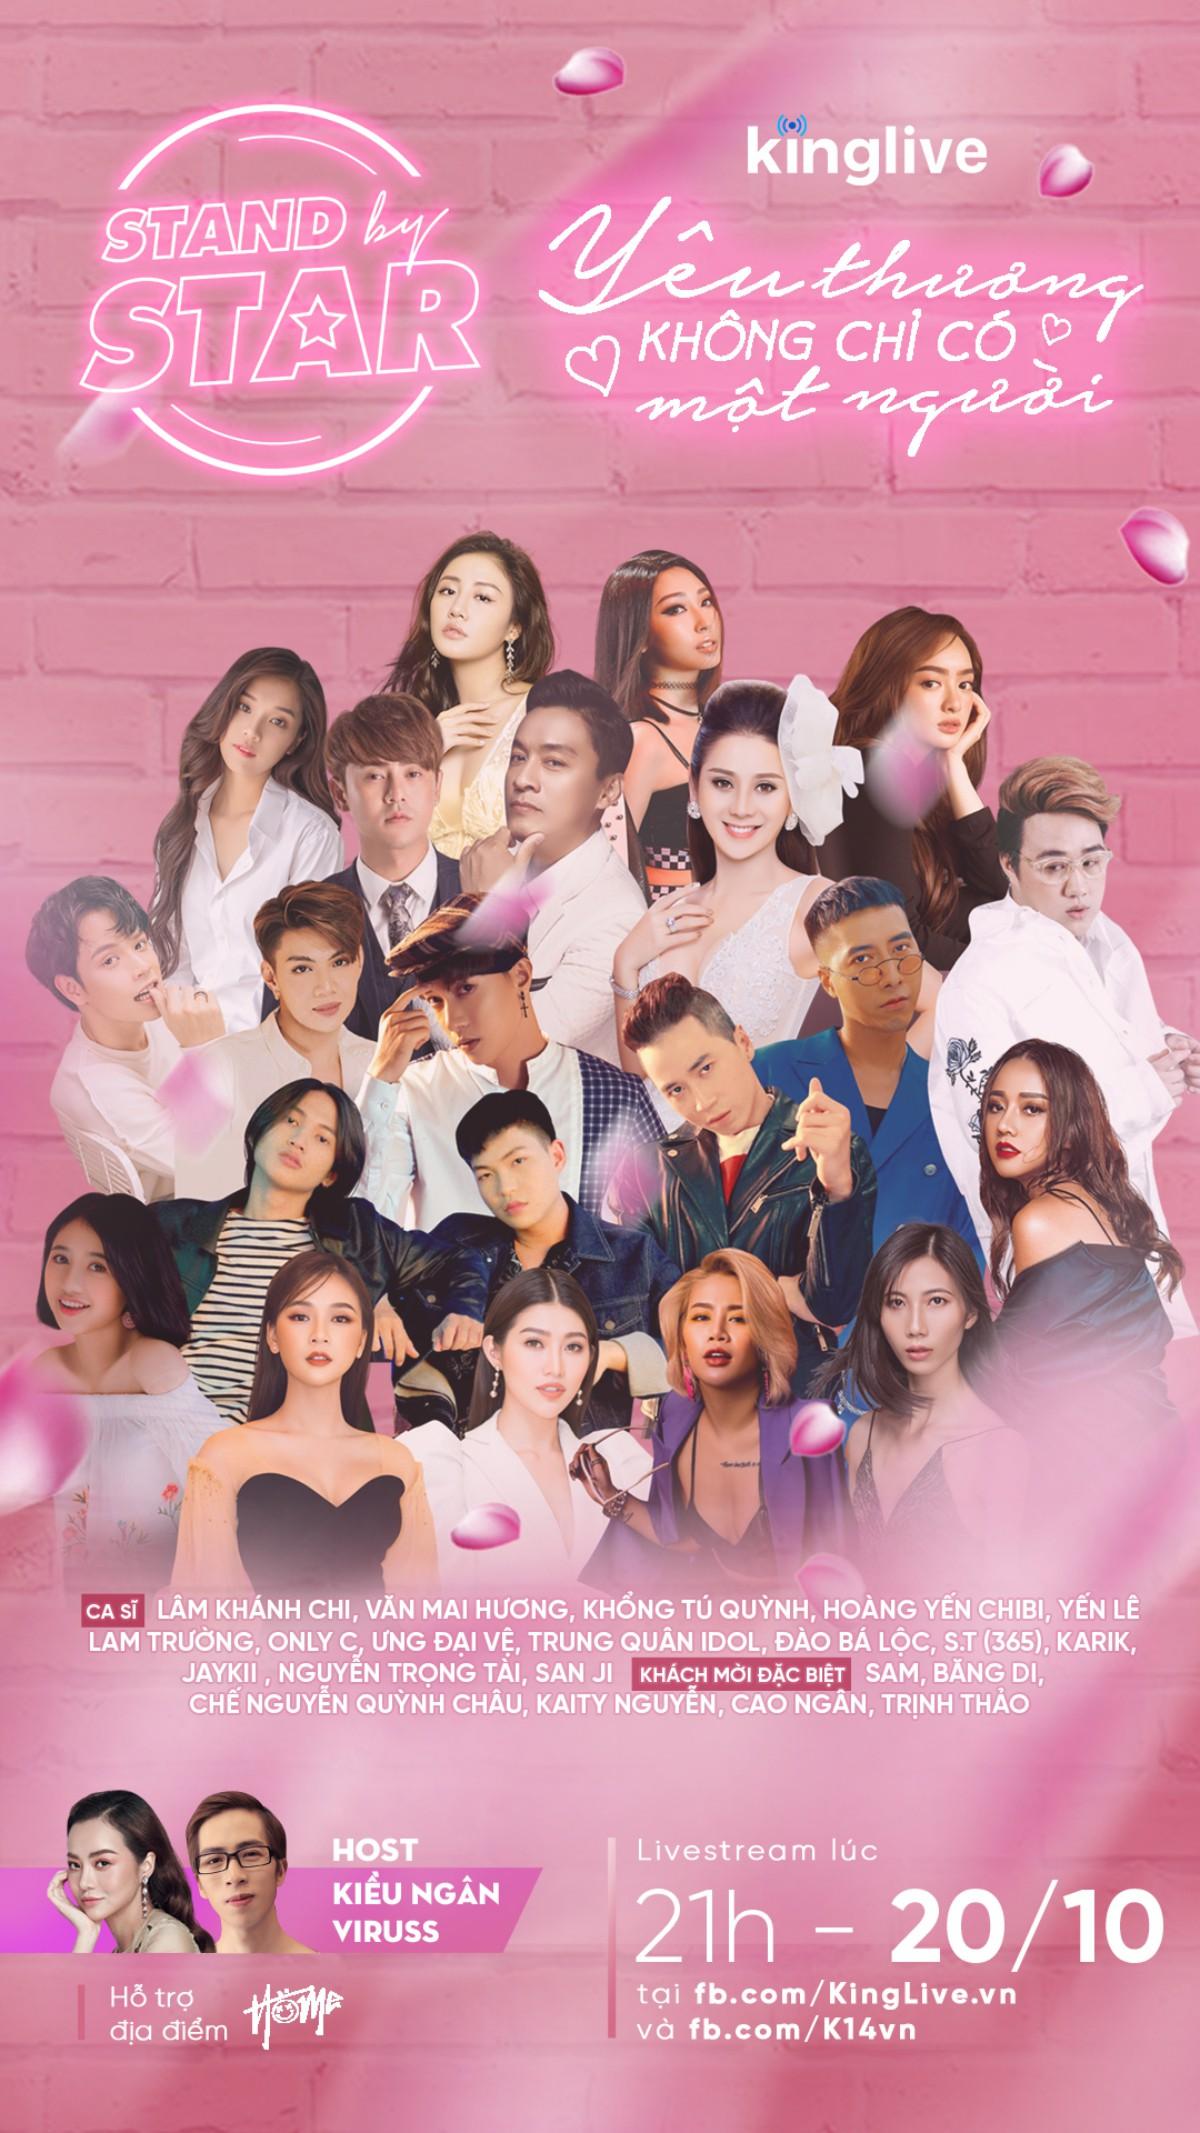 Dàn sao khủng Vbiz đổ bộ Stand By Star, hứa hẹn bùng nổ cảm xúc cùng ngày Phụ nữ Việt Nam 20/10 - Ảnh 2.